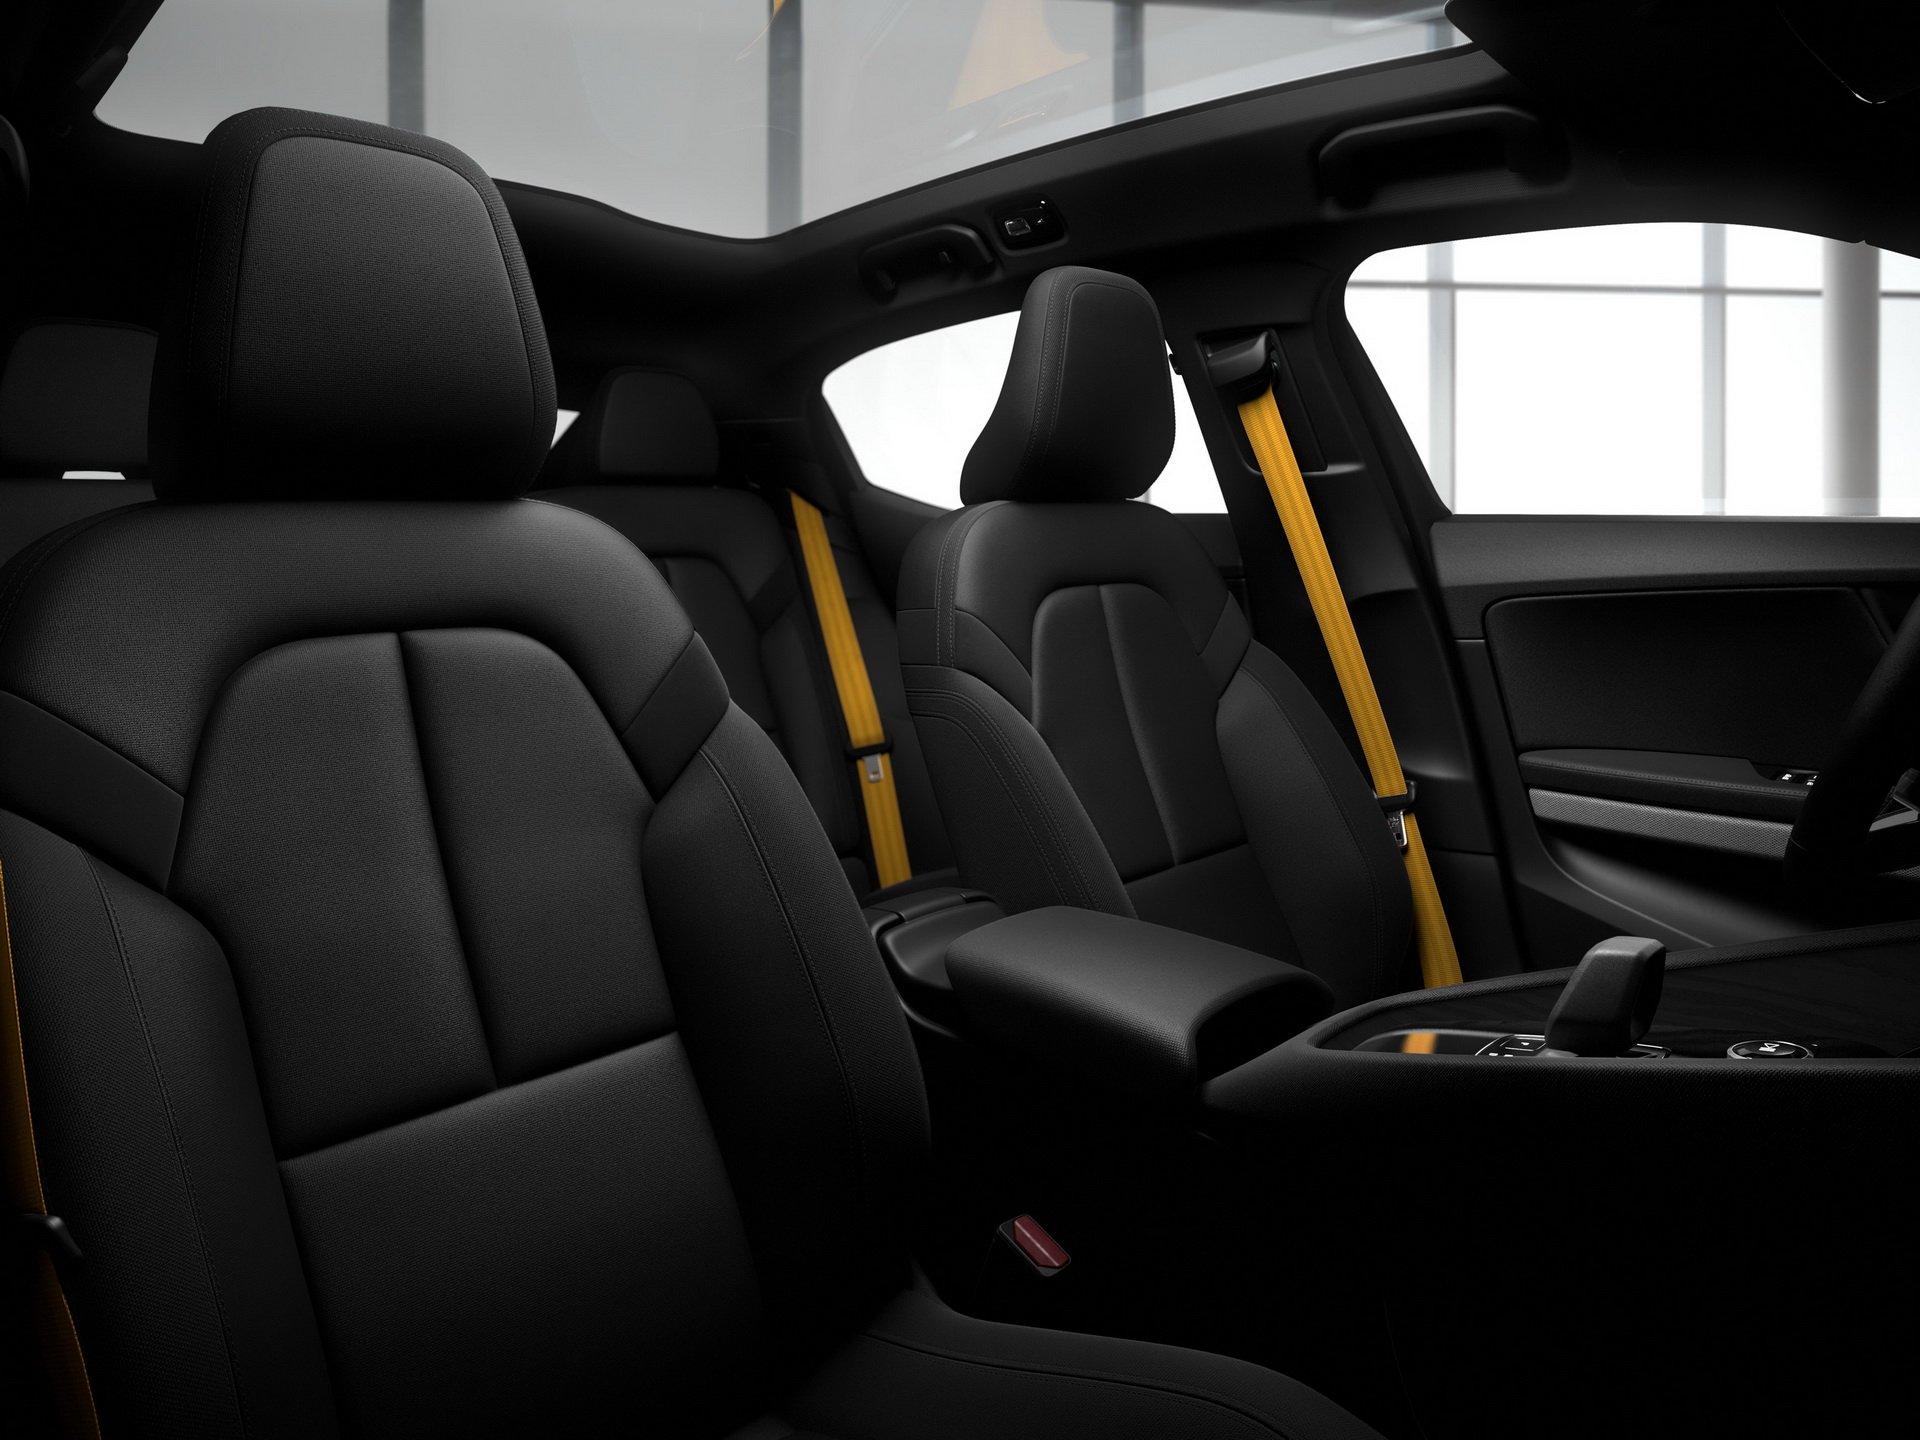 Автомобиль сконструирован в лучших традициях Volvo